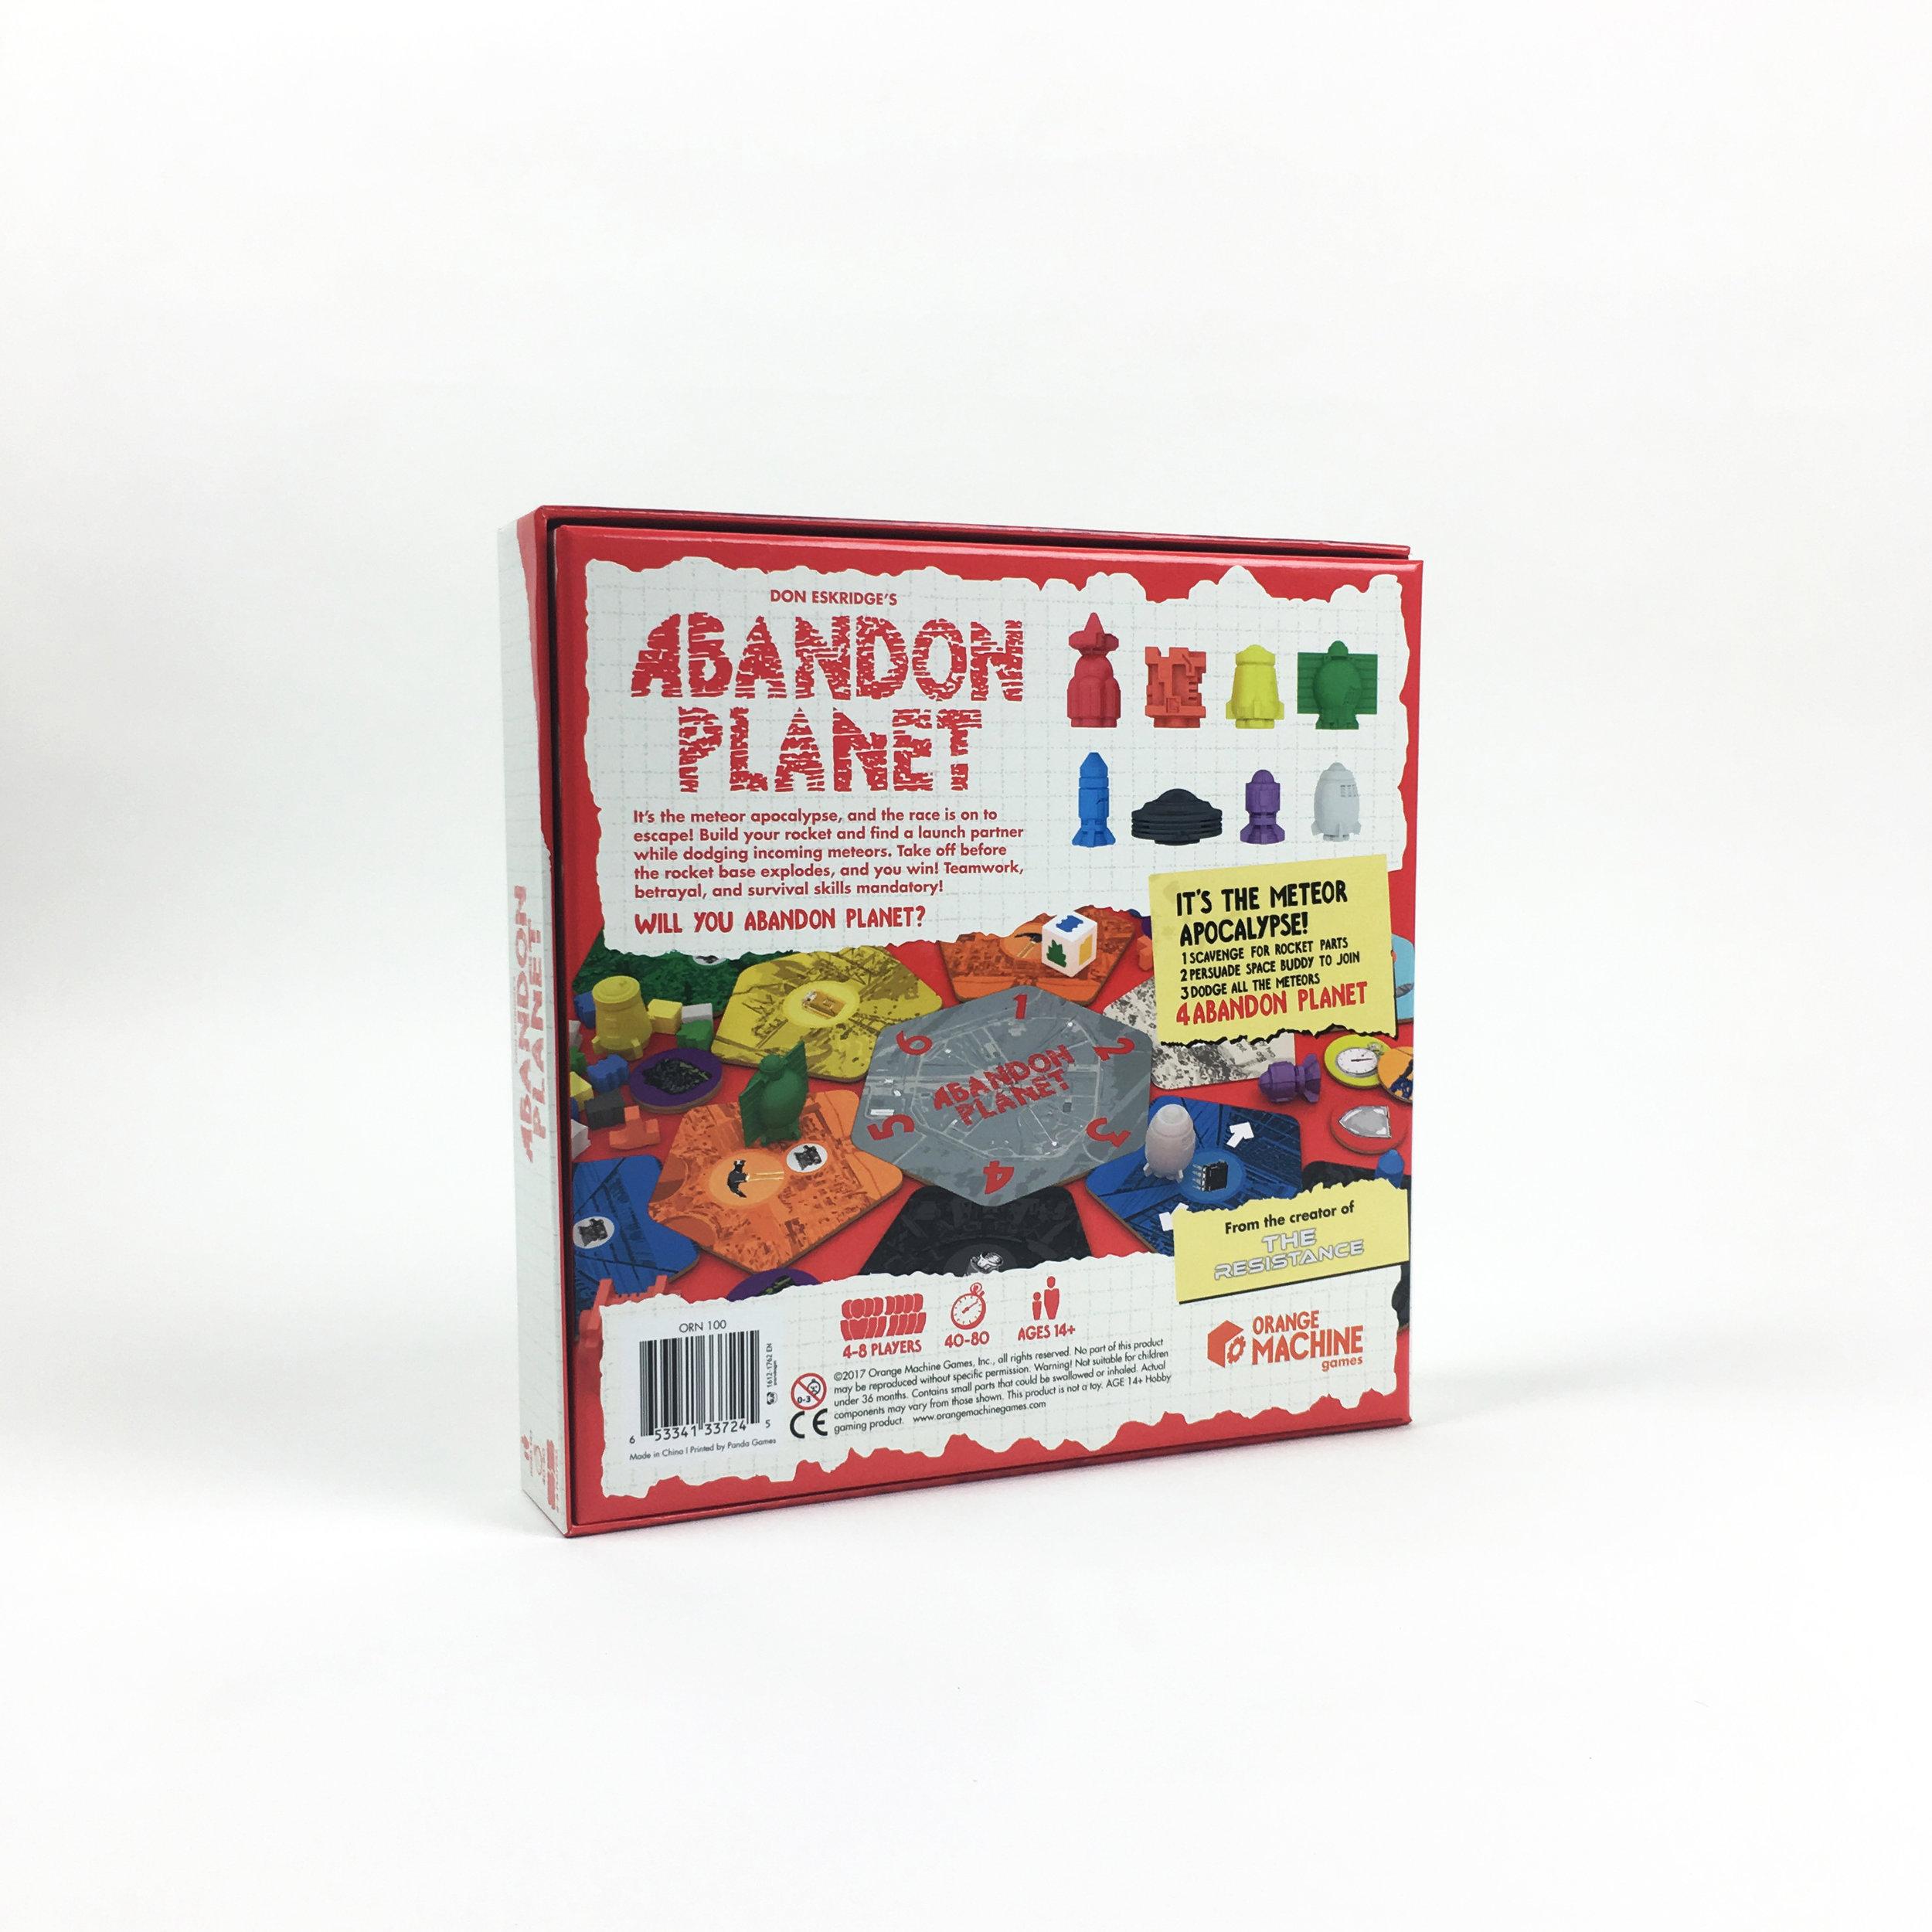 abandon_planet_back_box_three_quarter_view.jpg